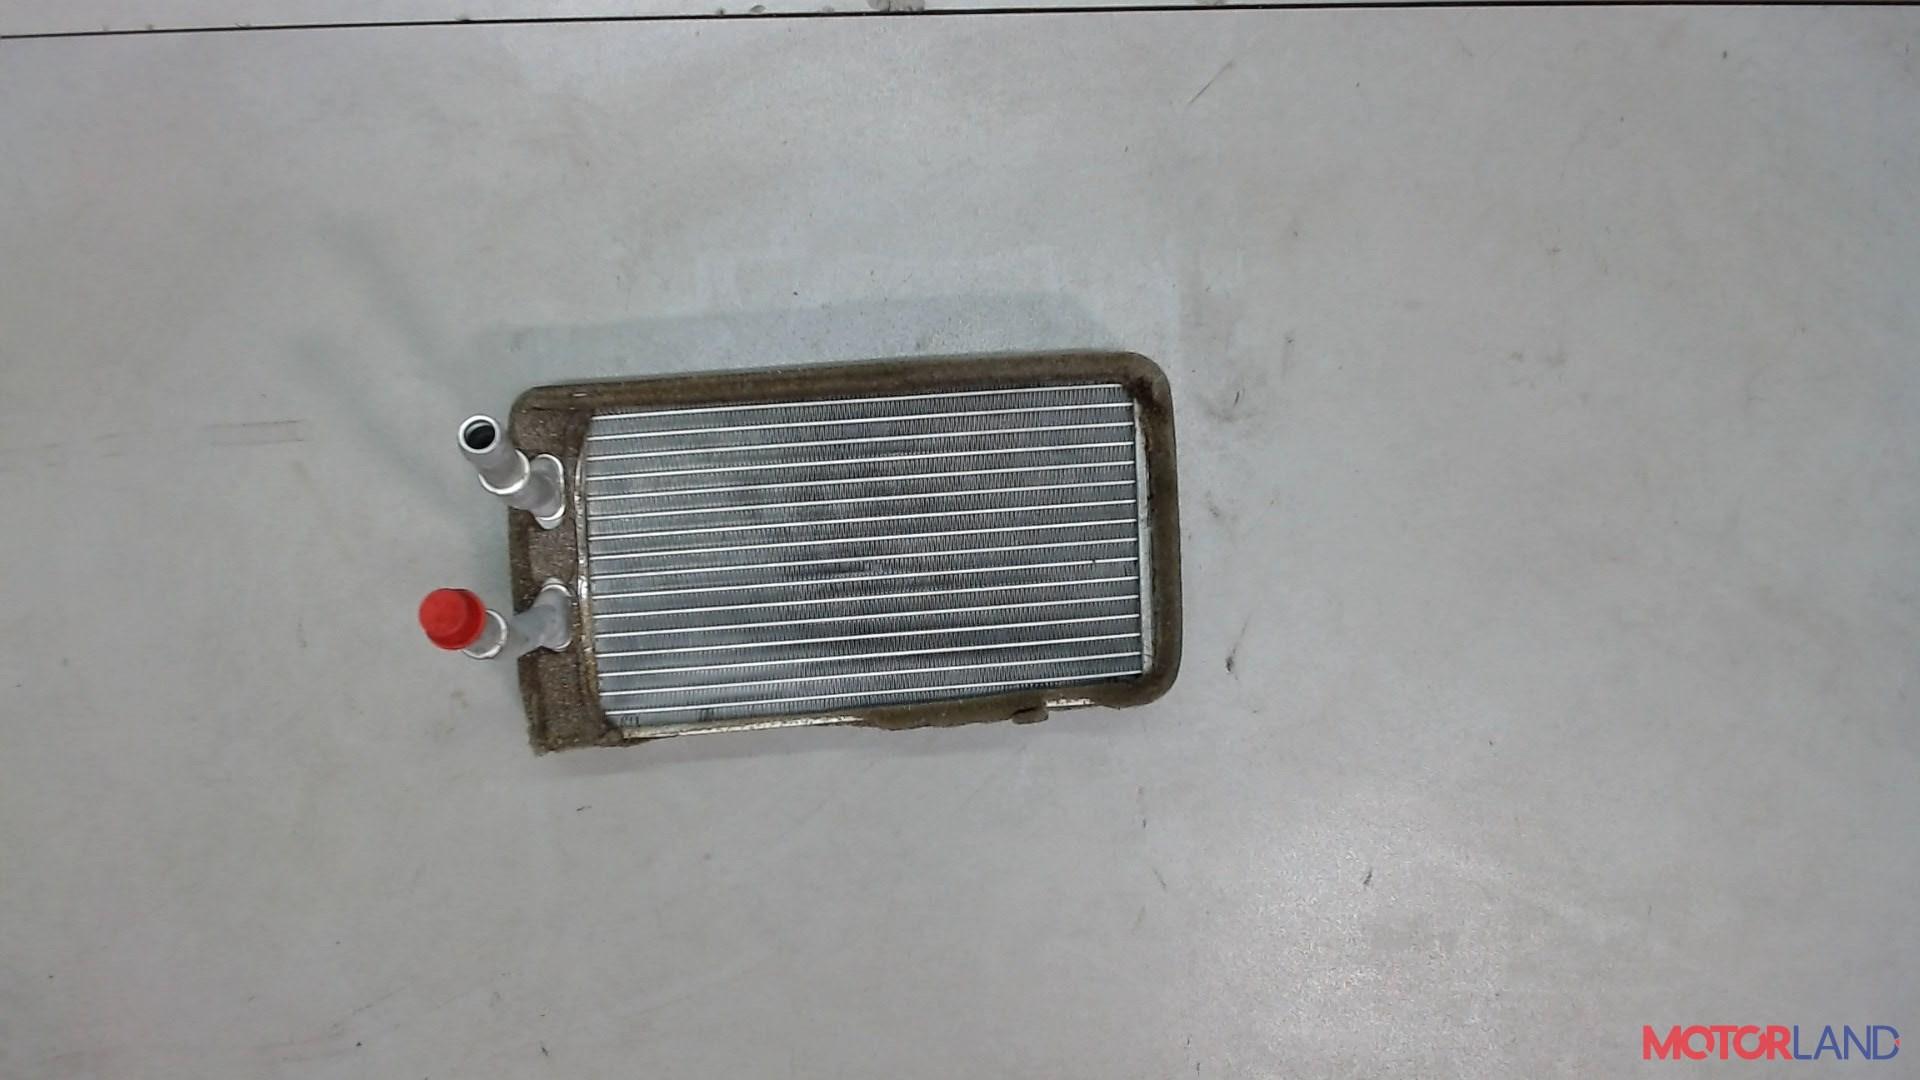 Радиатор отопителя (печки) Mazda Tribute 2008- 2.3 л. 2008 L3 б/у #1